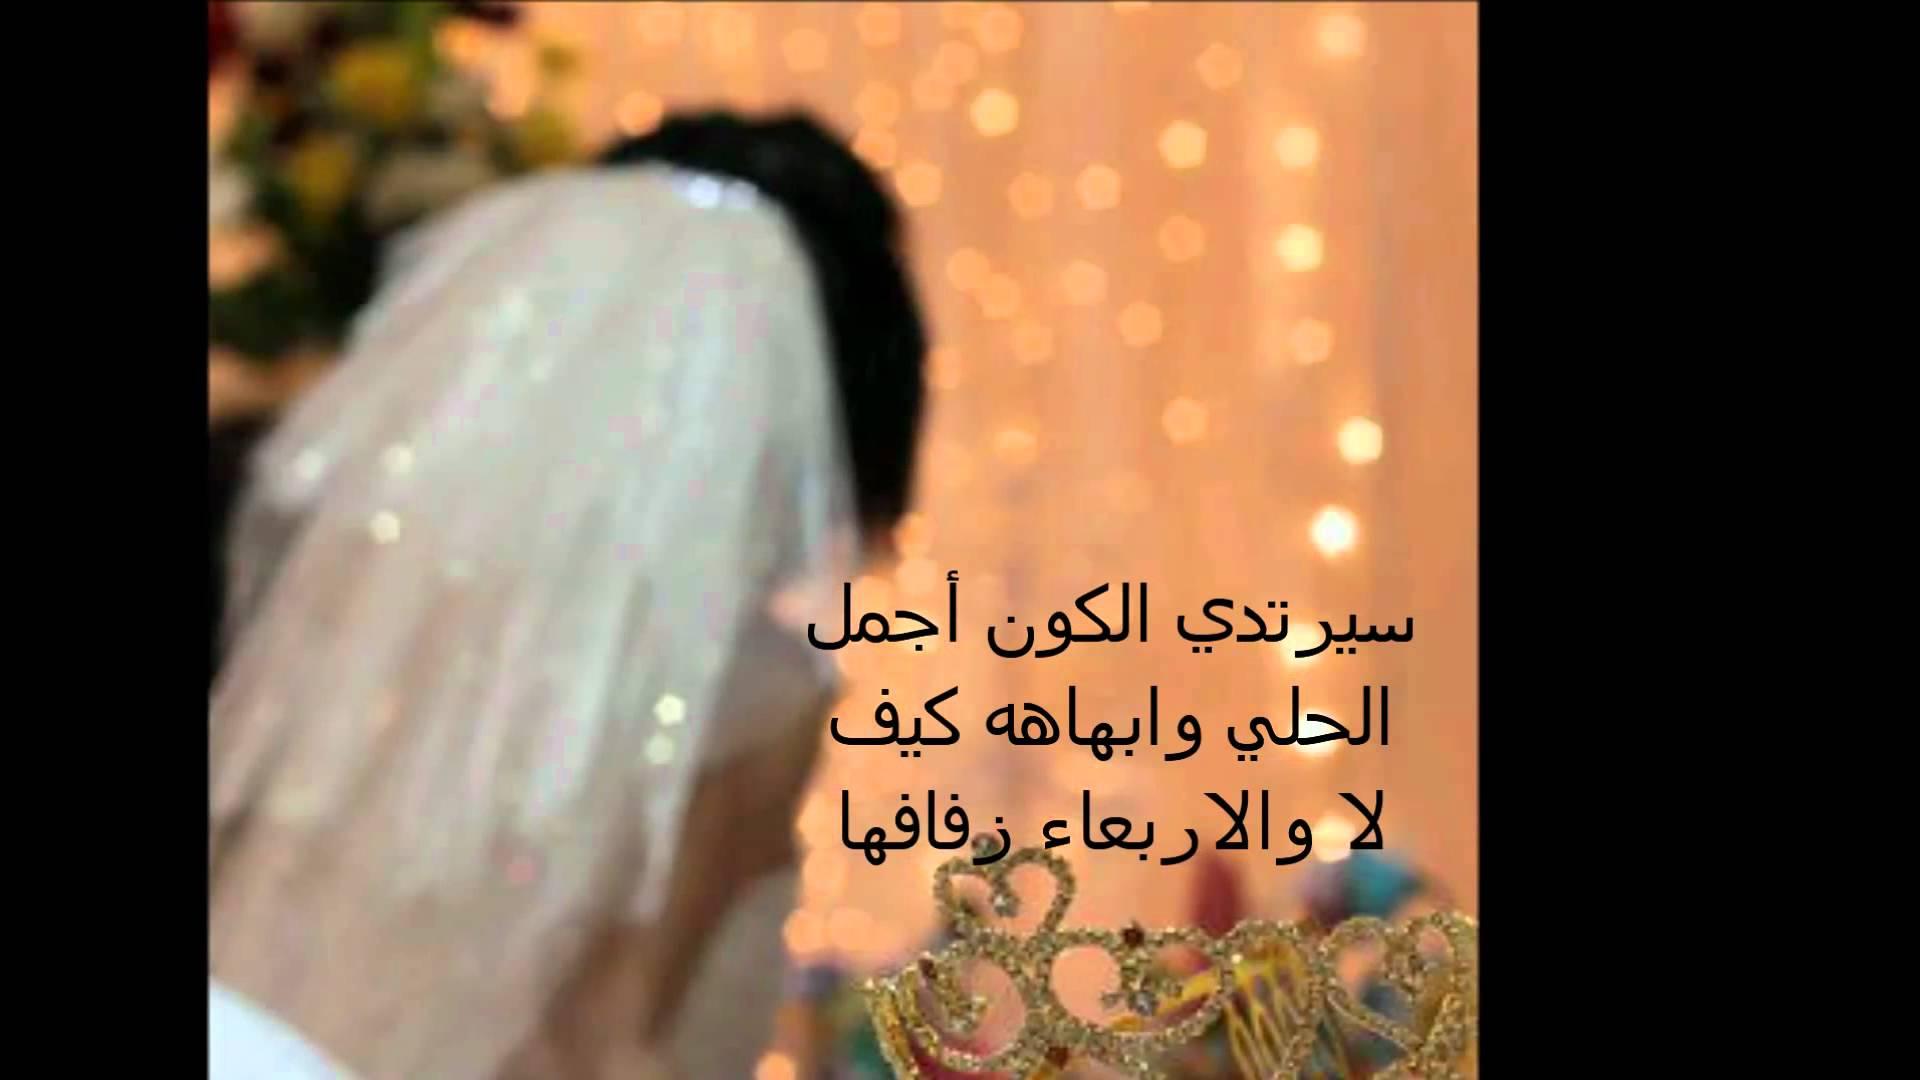 صور زواج (3)